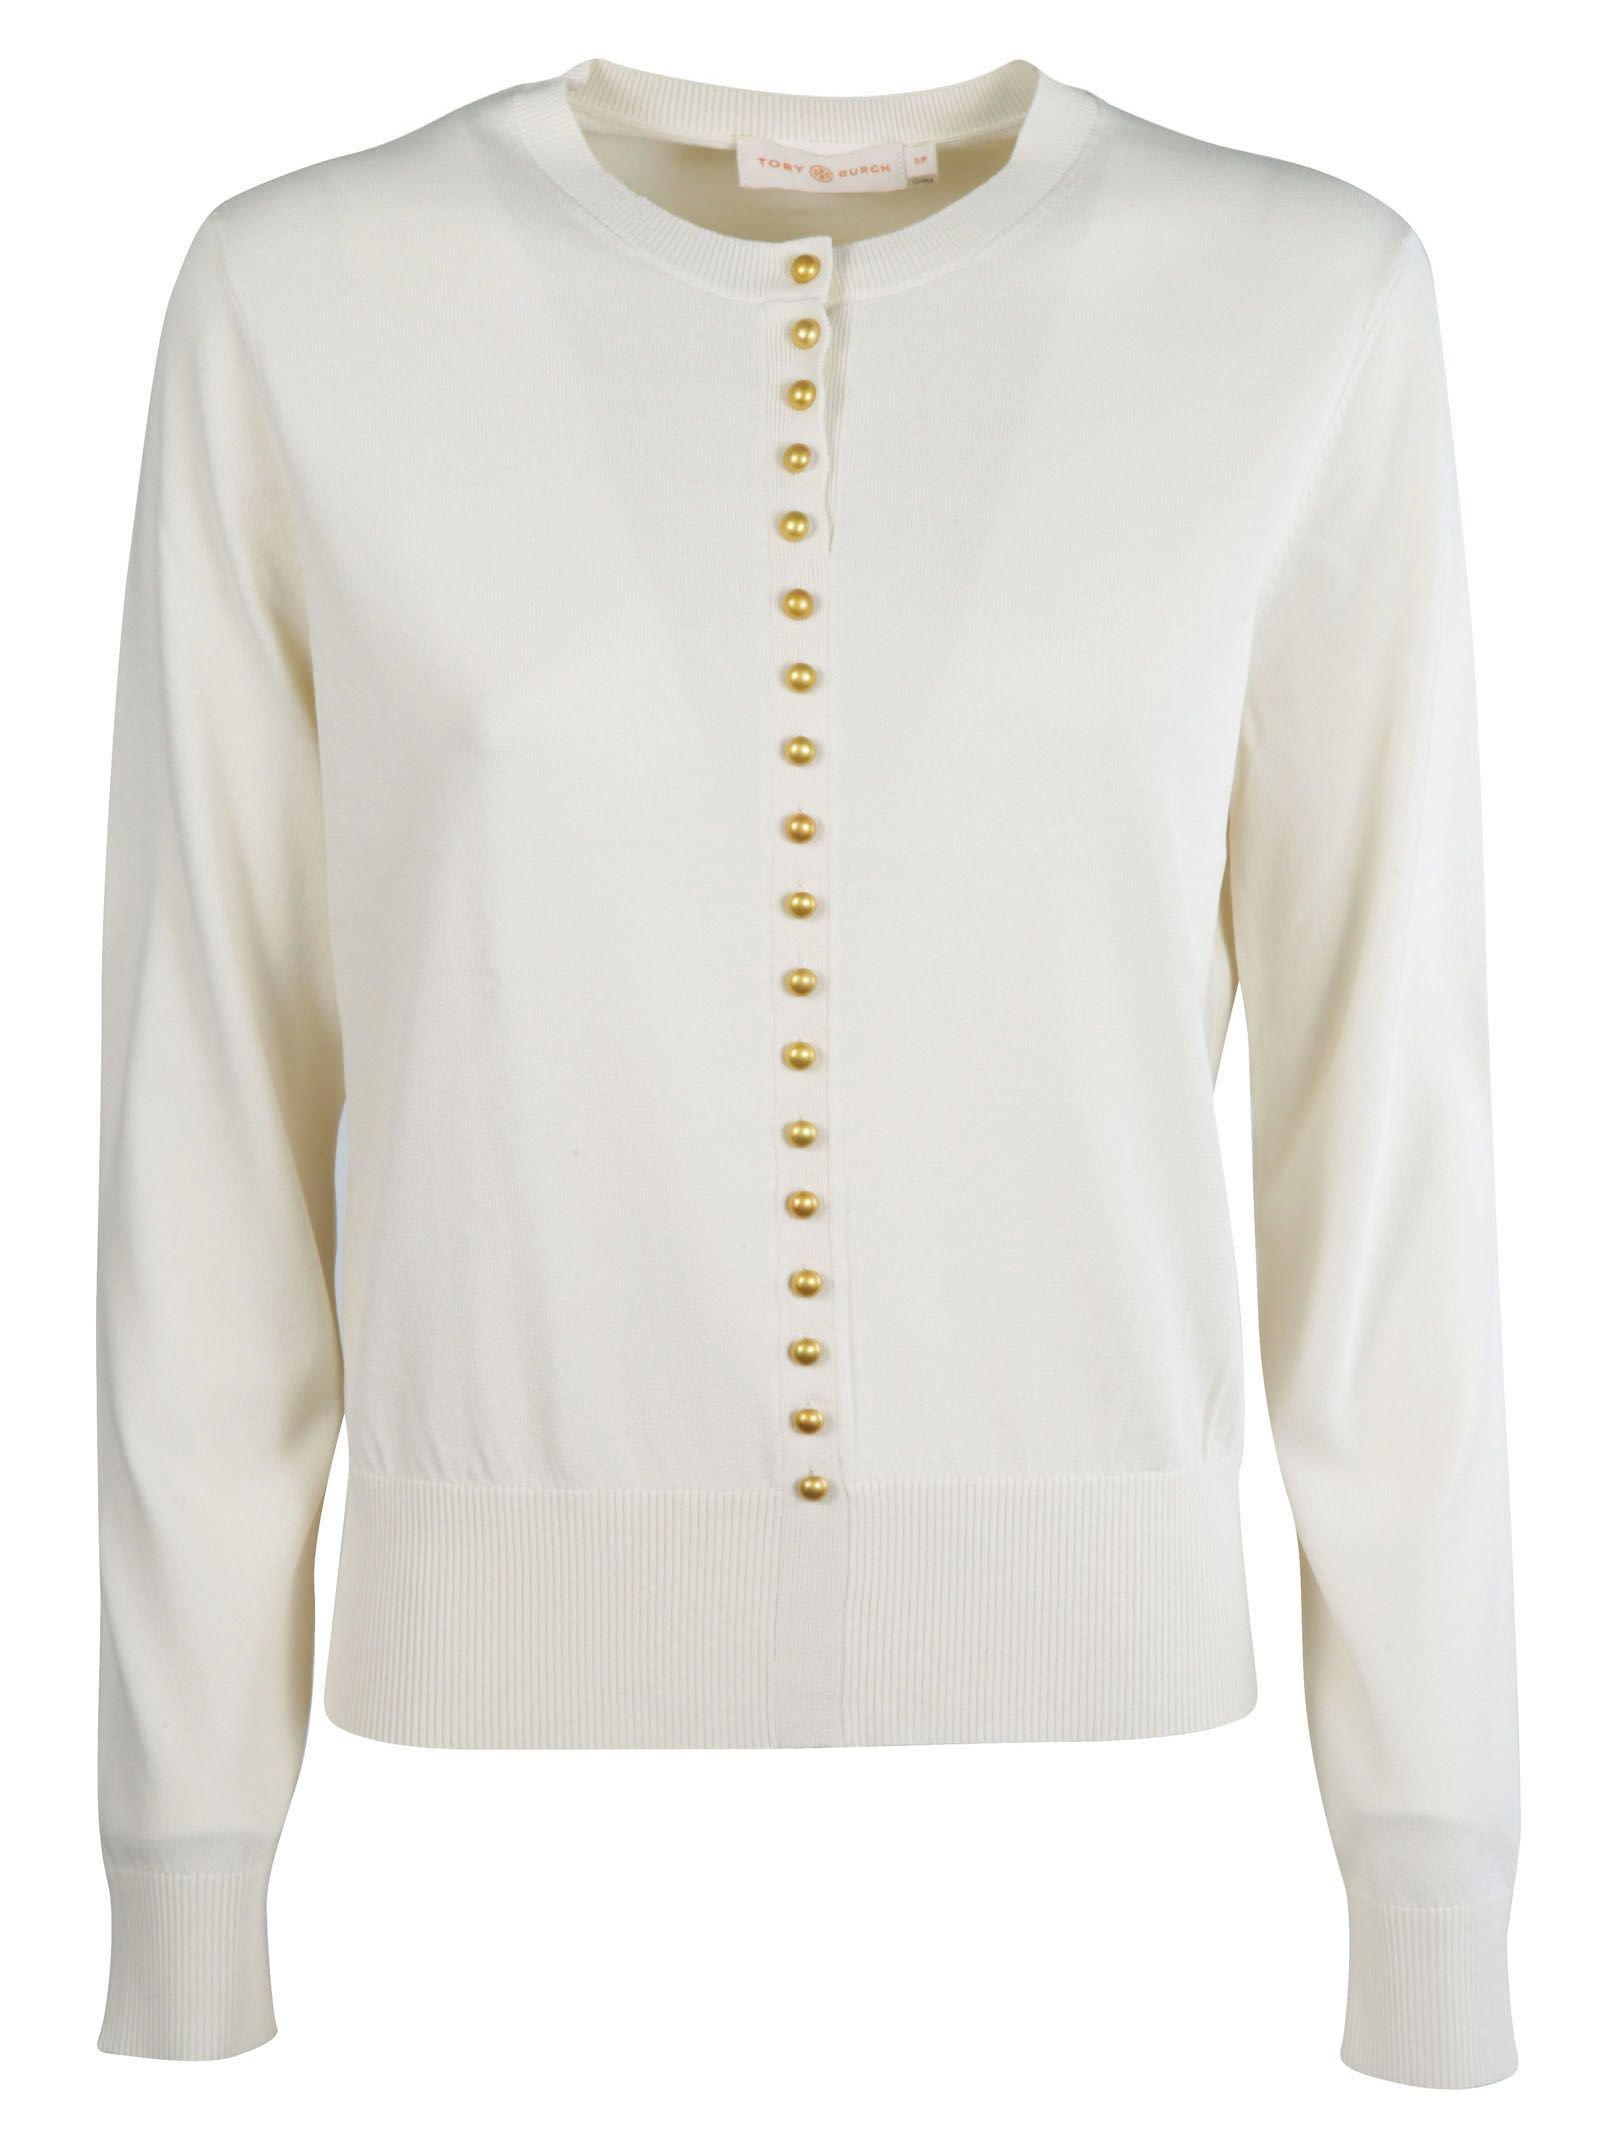 Tory Burch Classic Sweater